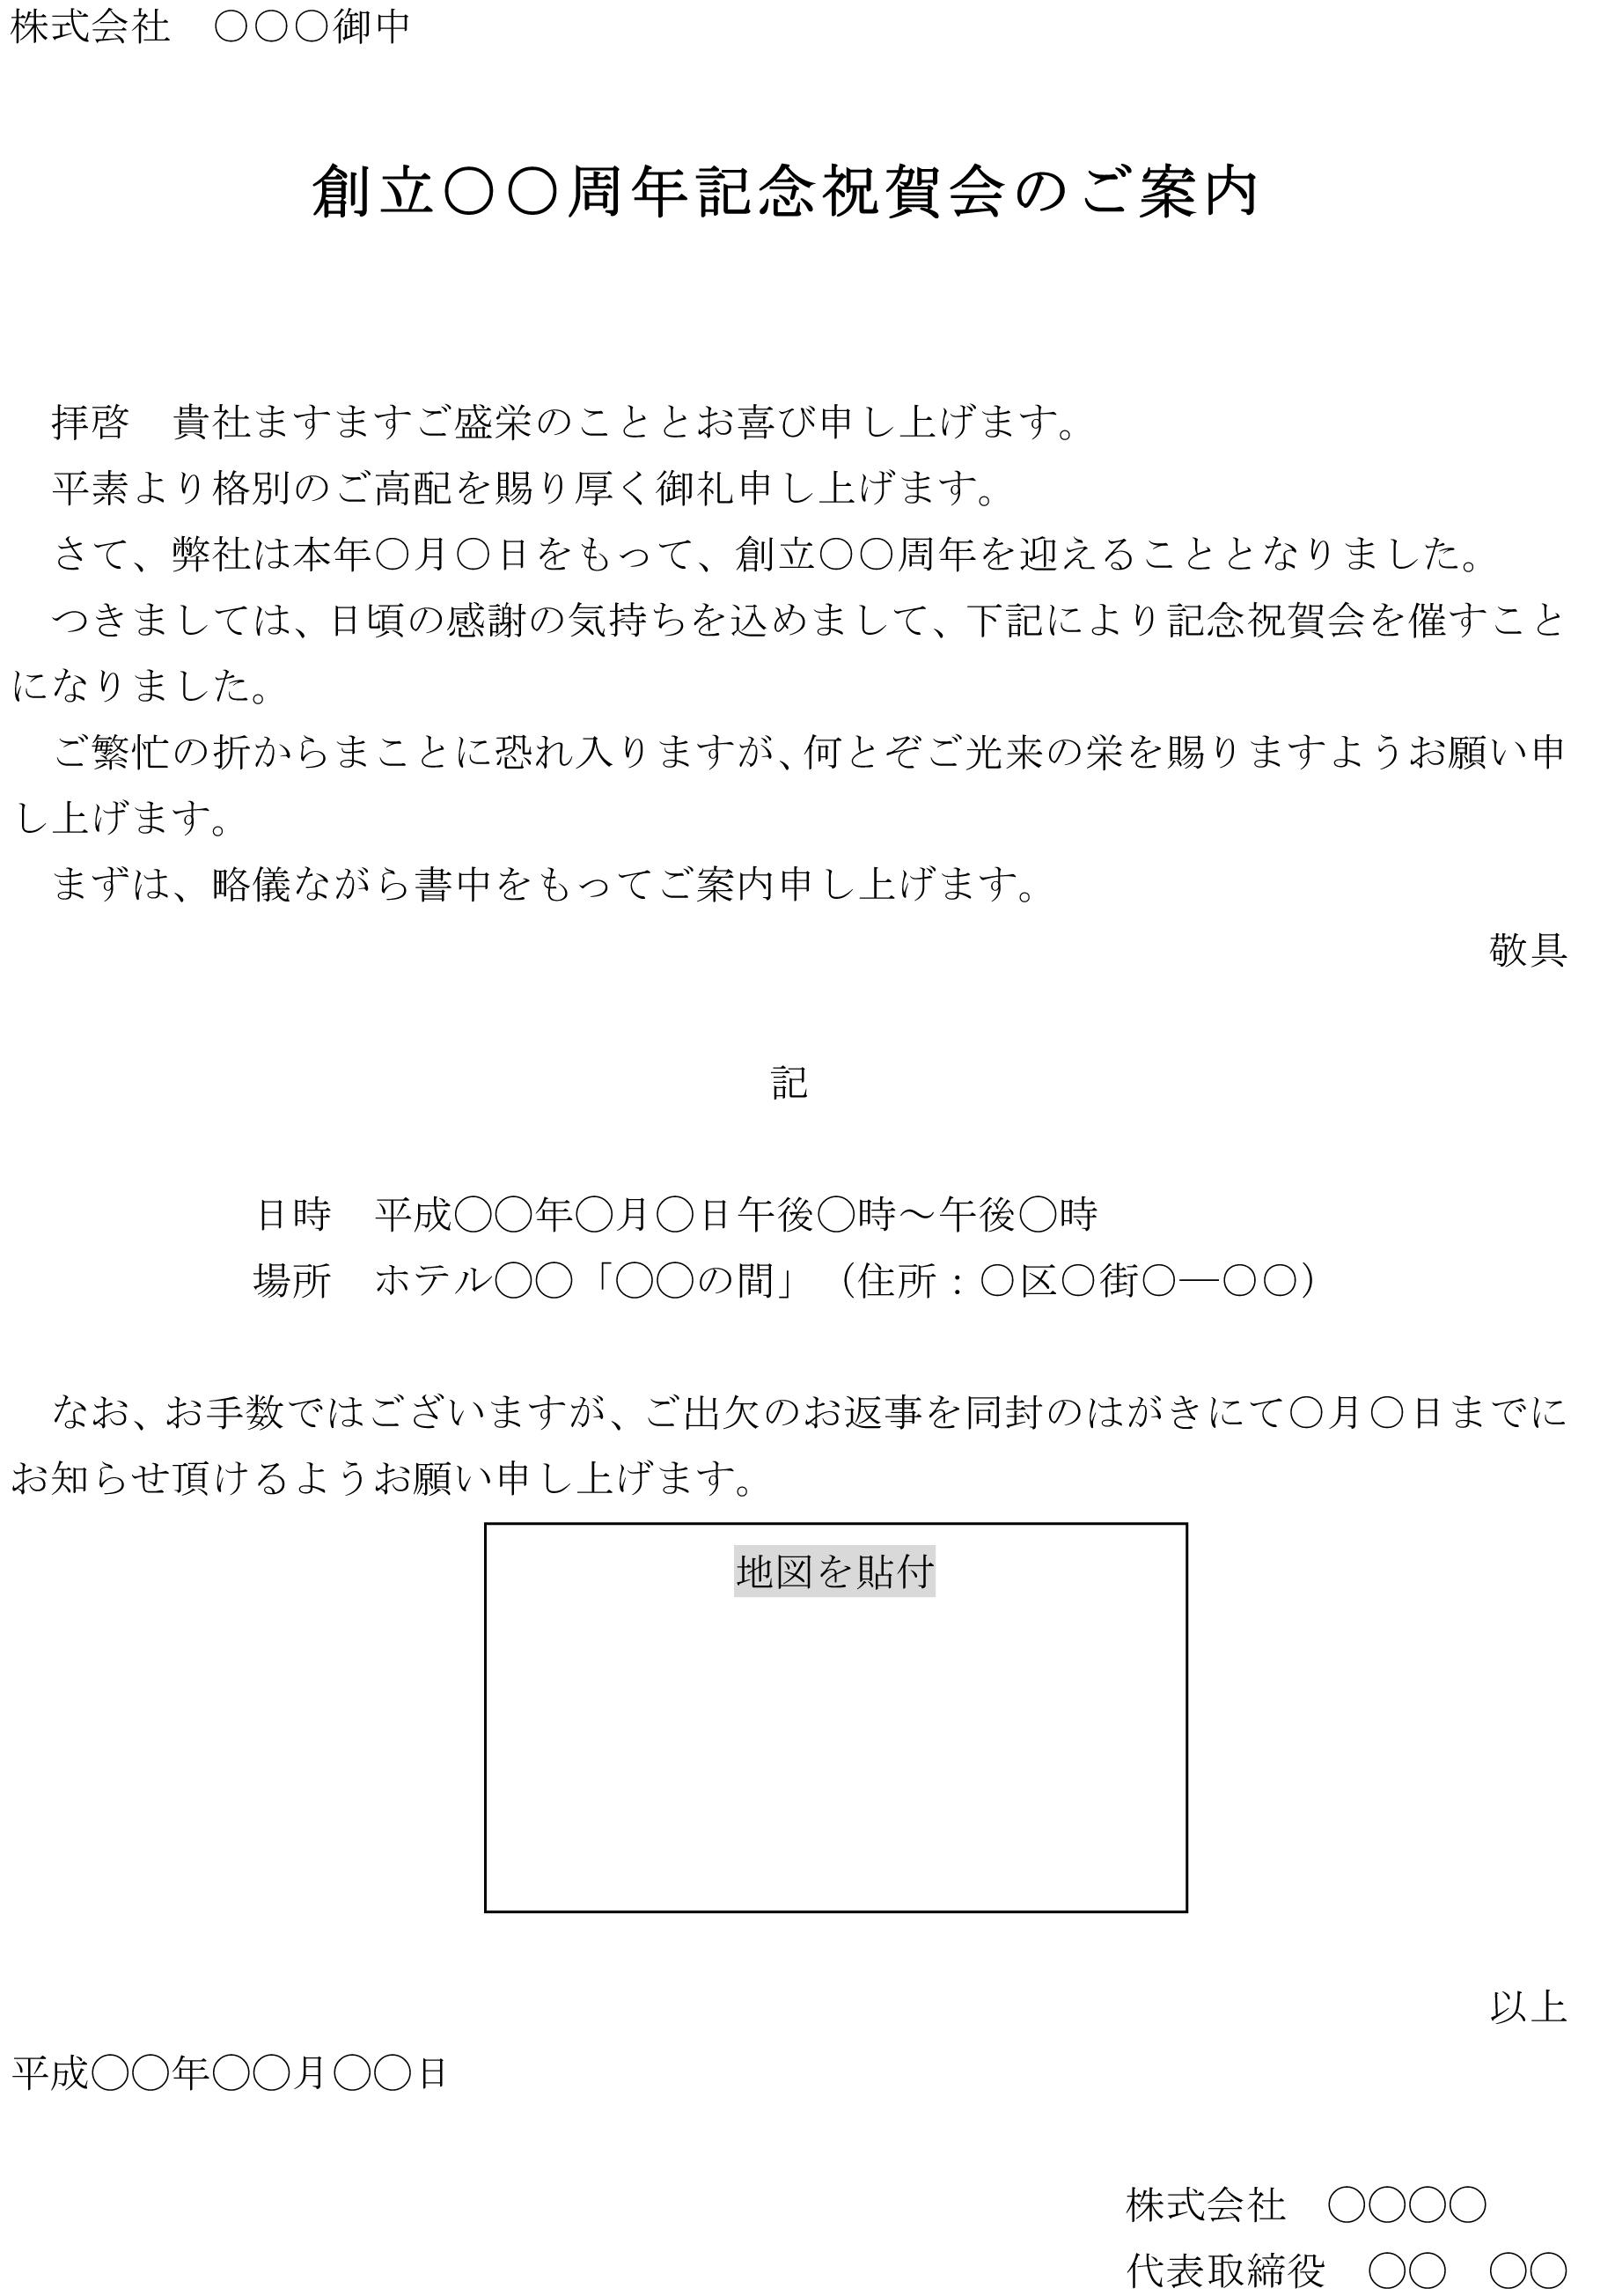 案内状(創立○○周年記念祝賀会)